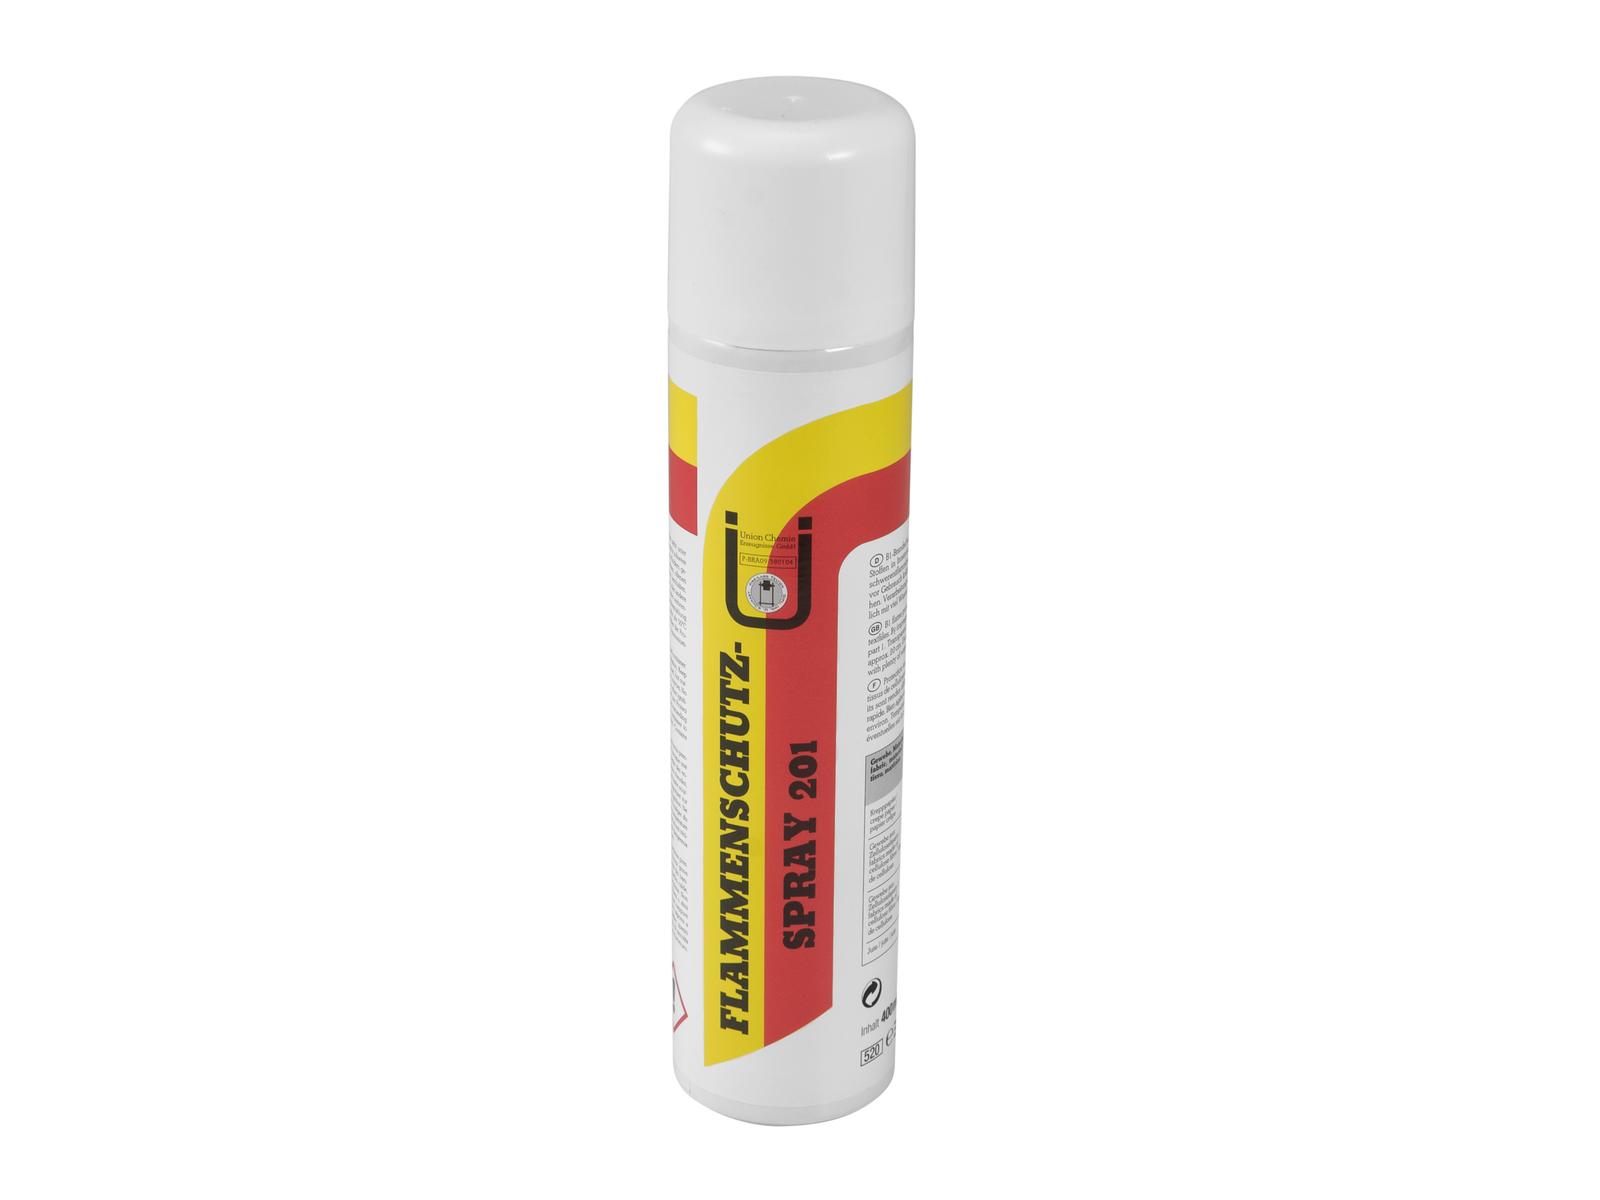 Accessory protipožární sprej, DIN4102/B1, 400ml